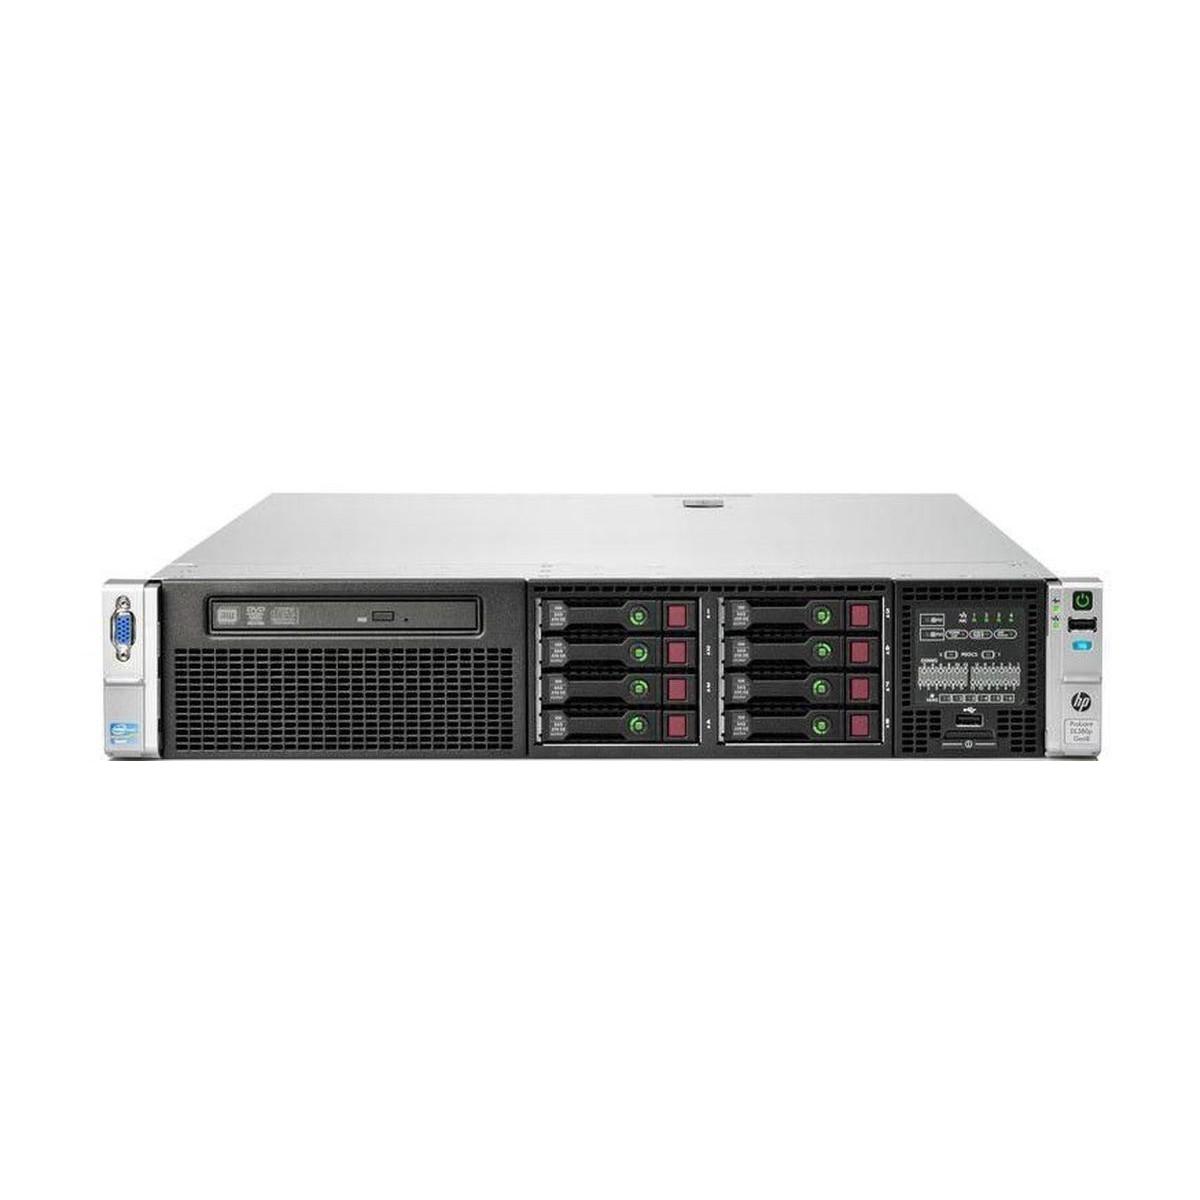 HP DL380p G8 2xSIX E5 32GB 0HDD P420i ILO4 SZYNY